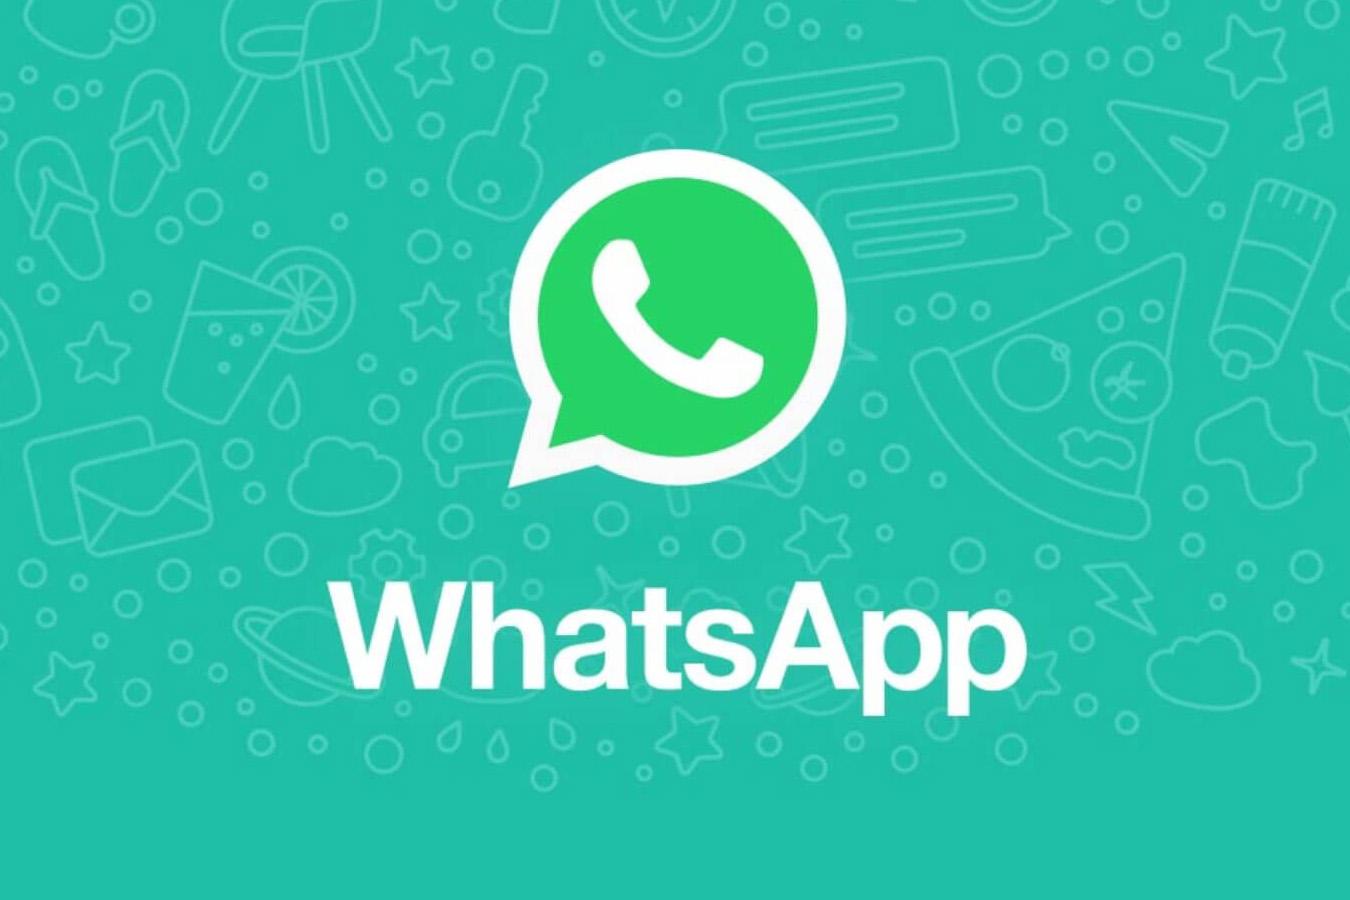 WhatsApp позволит отключать автосохранение фотографий